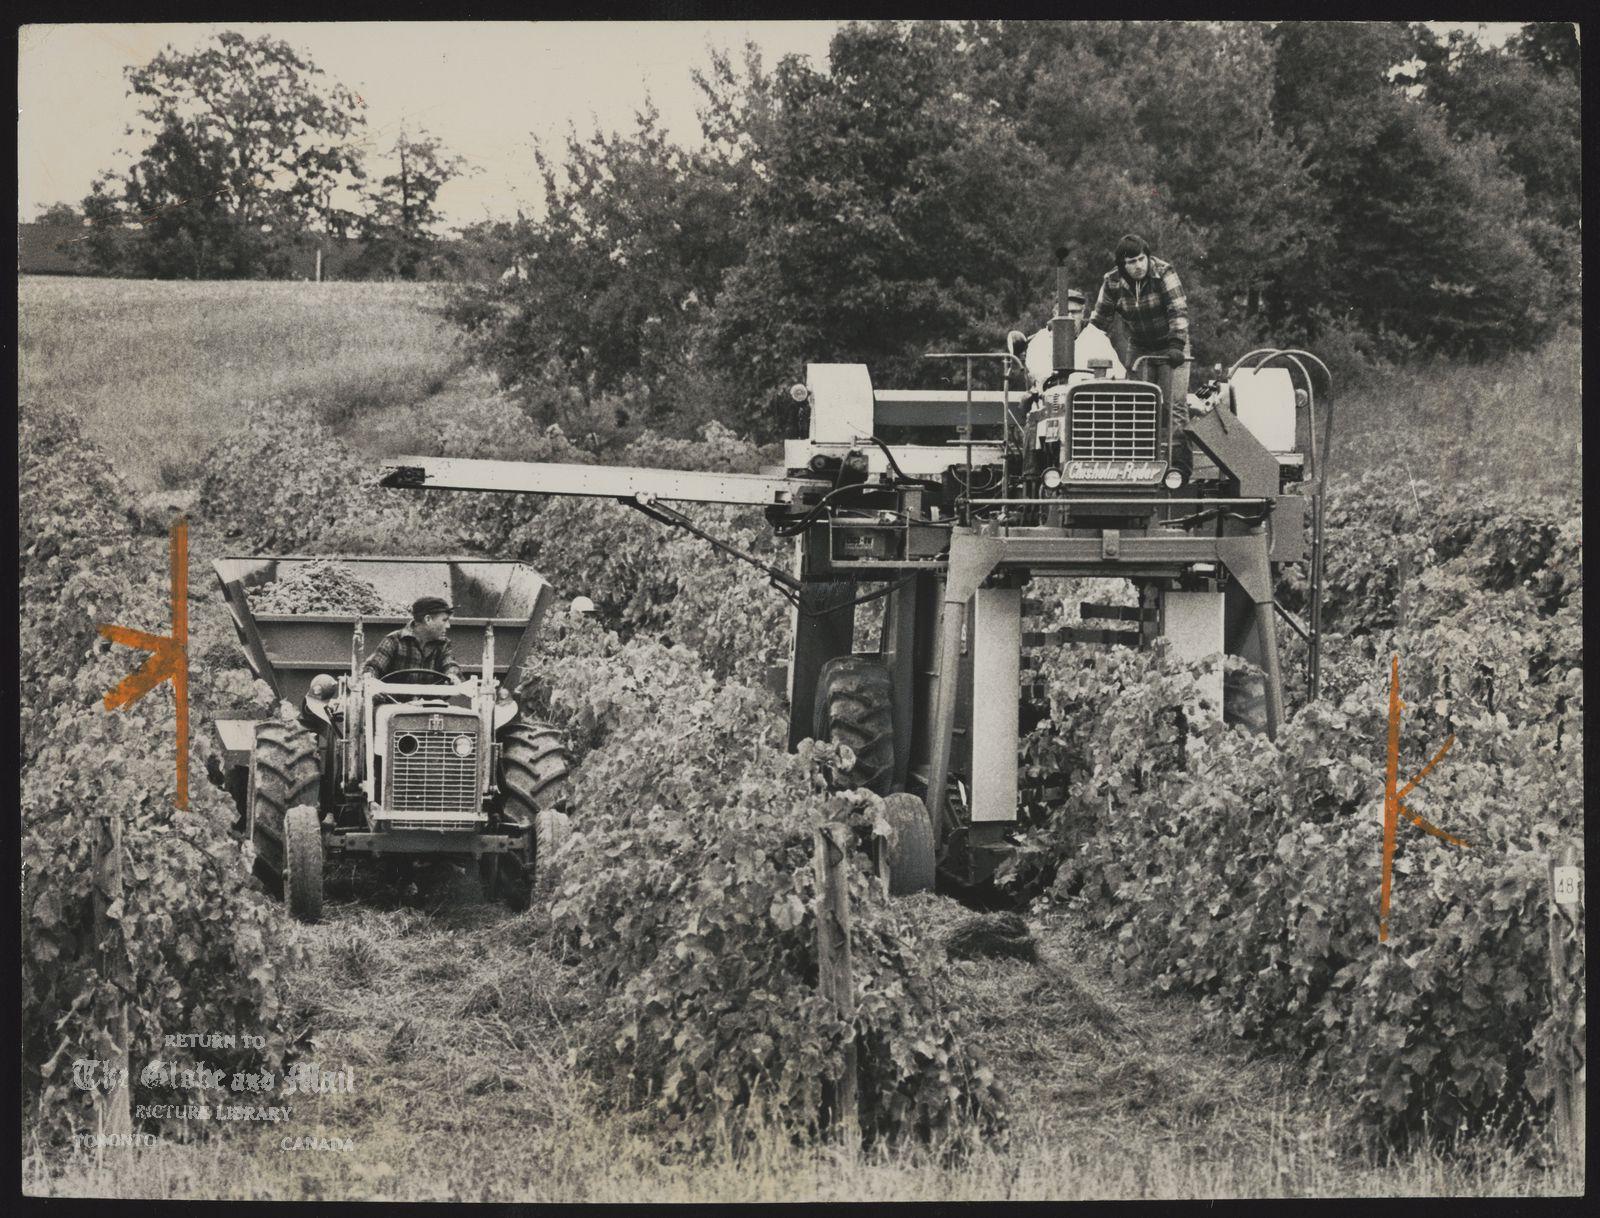 GRAPES Mechanical harvester brings in the grapes in Niagara vineyard